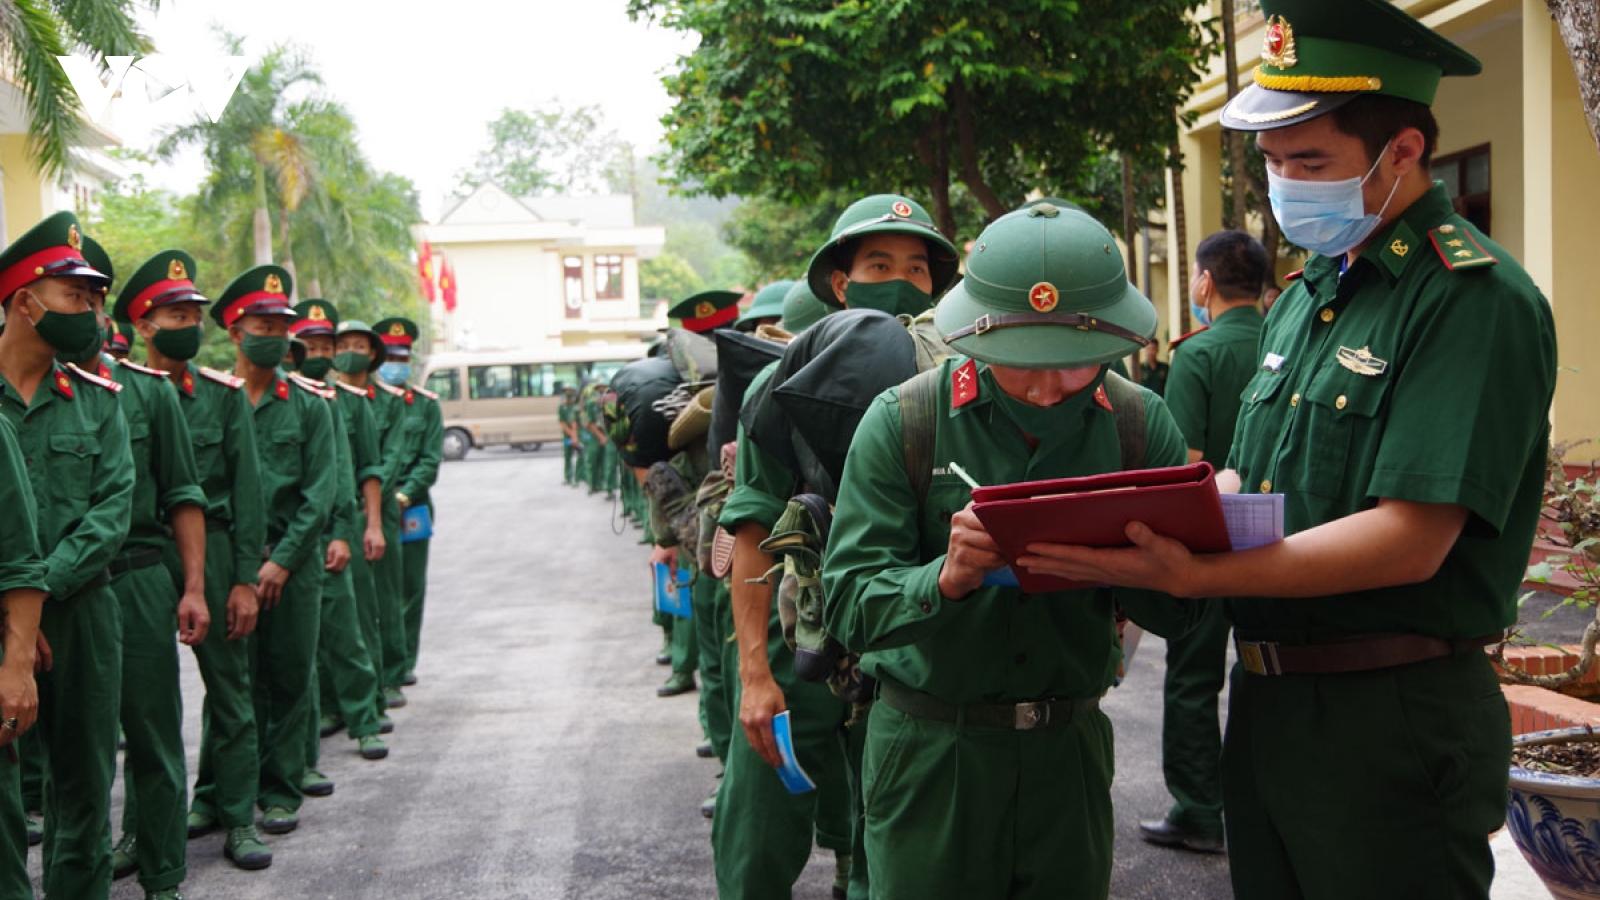 Điện Biên: Tăng cường 90 cán bộ, chiến sĩ lên các chốt tuyến biên giới chống dịch